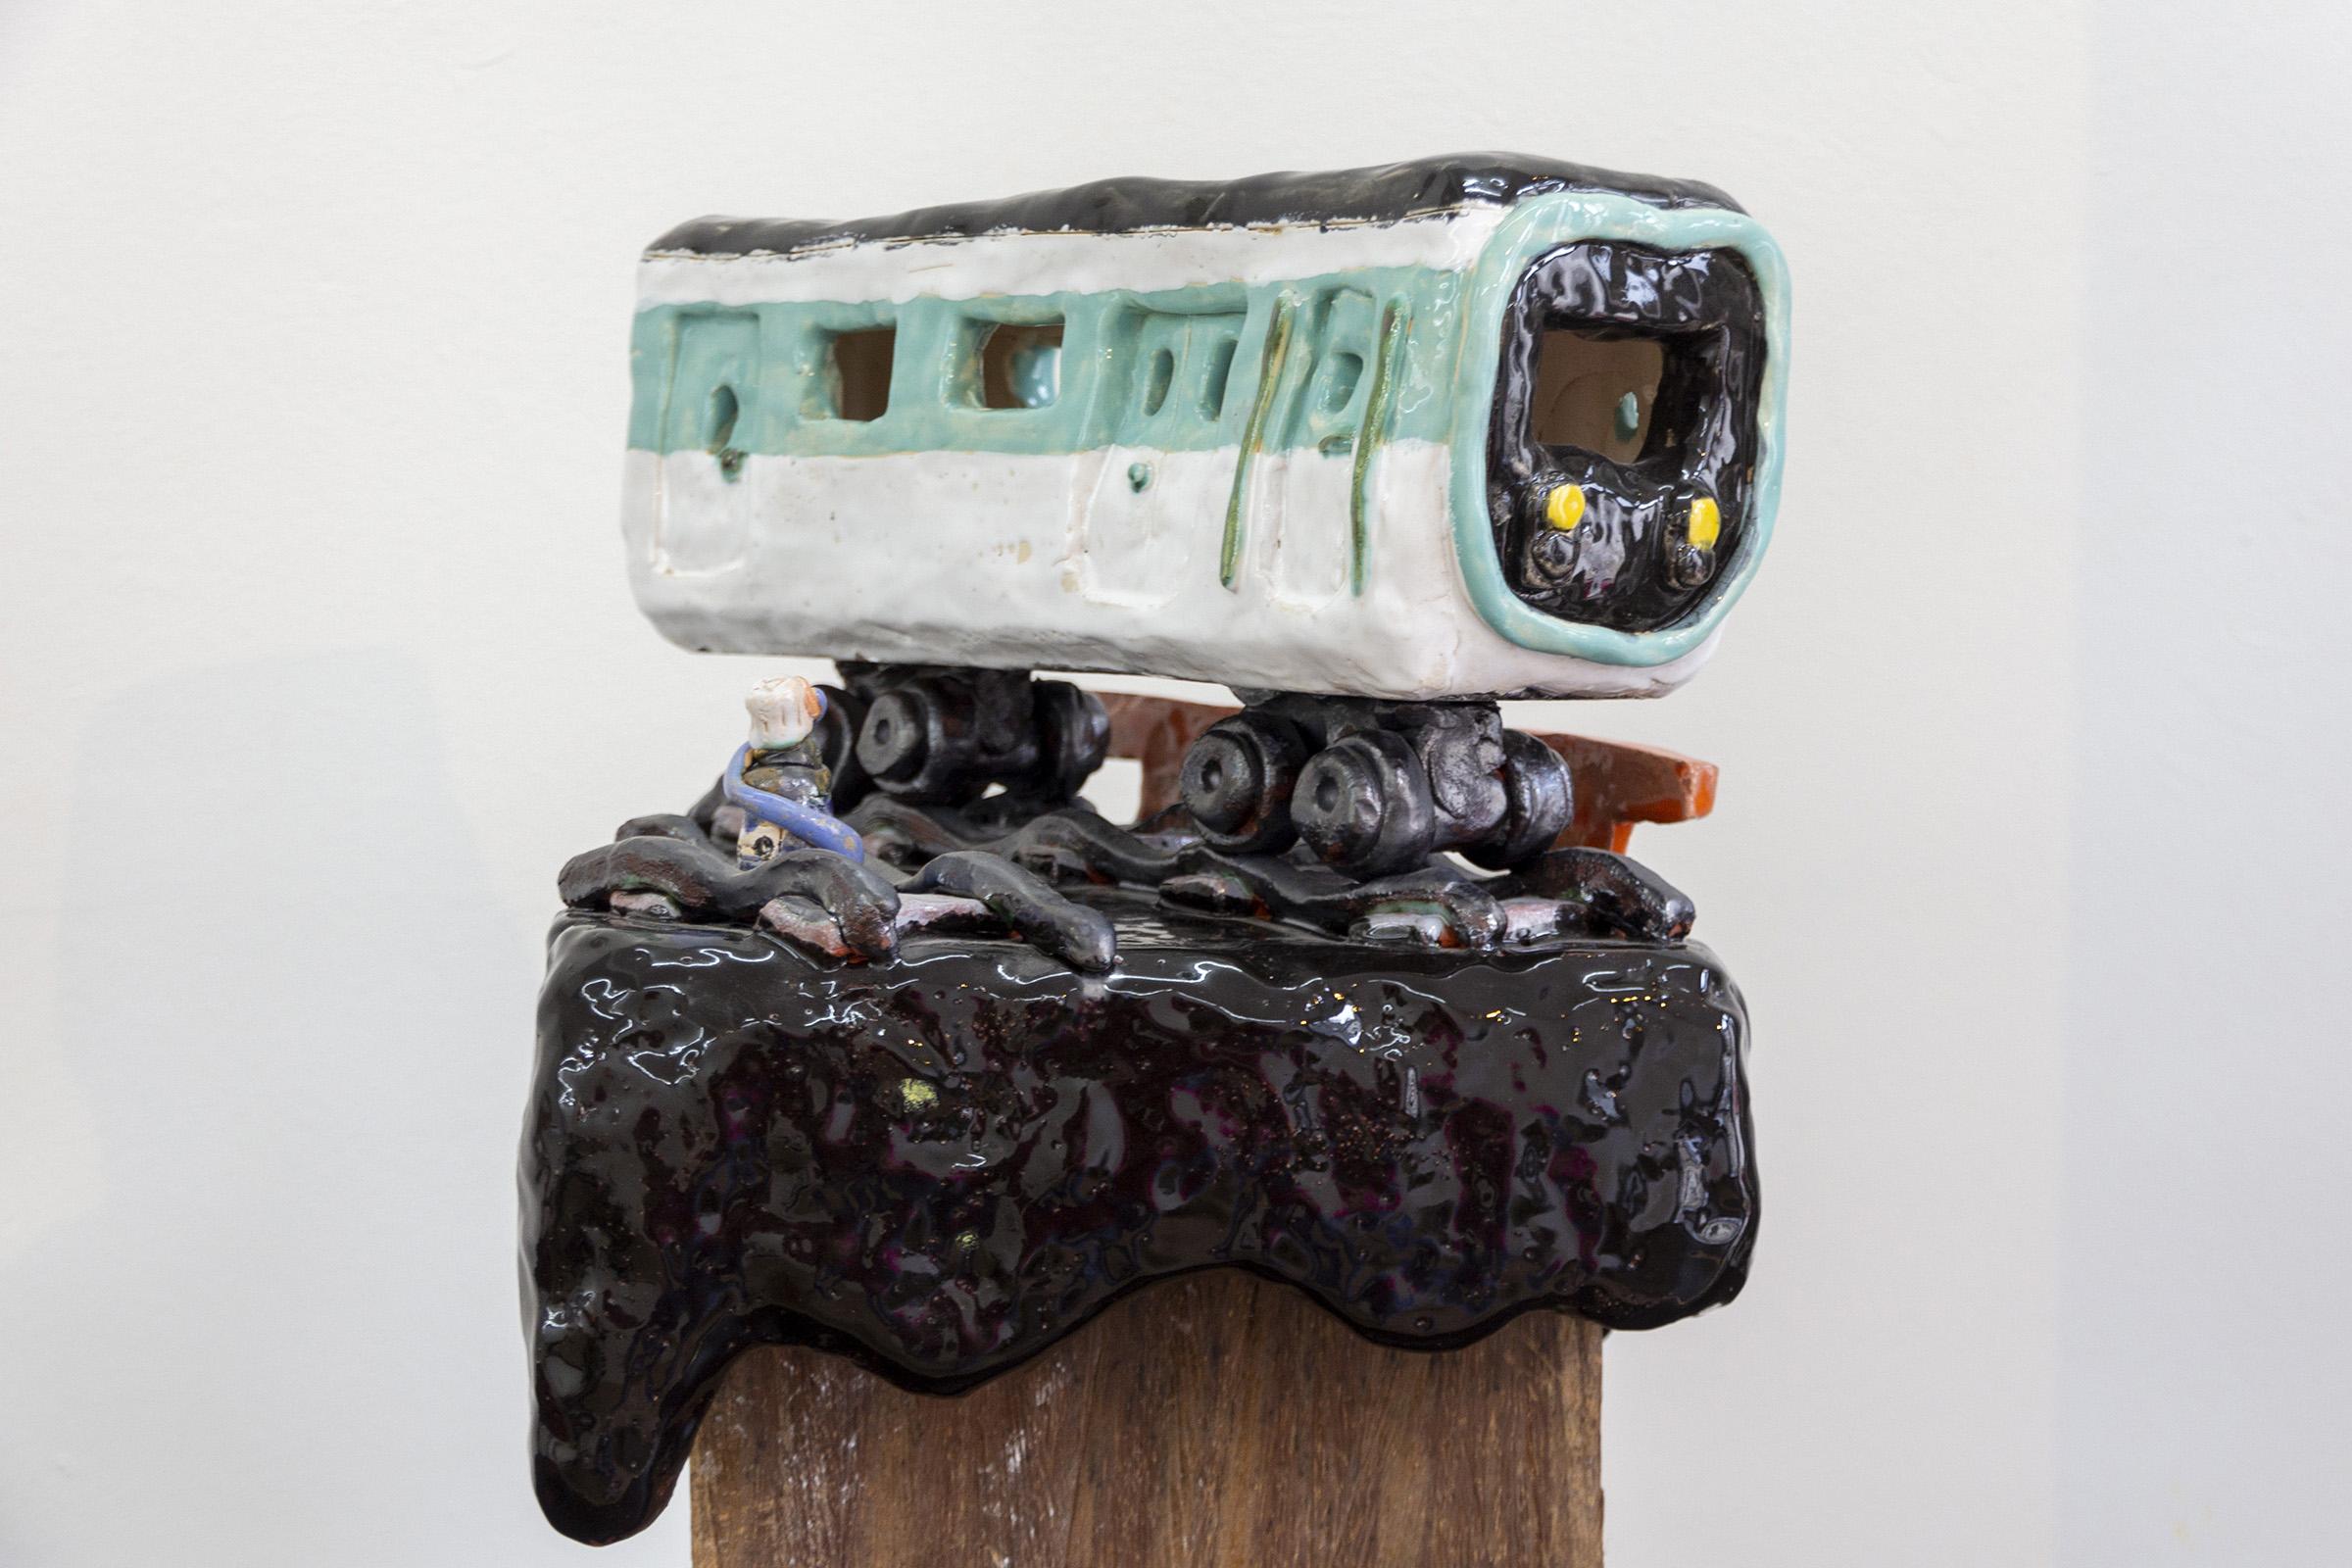 Tussen droom en daad - Guido van Amelsfoort bij Luycks Gallery - Keramieken treinstel